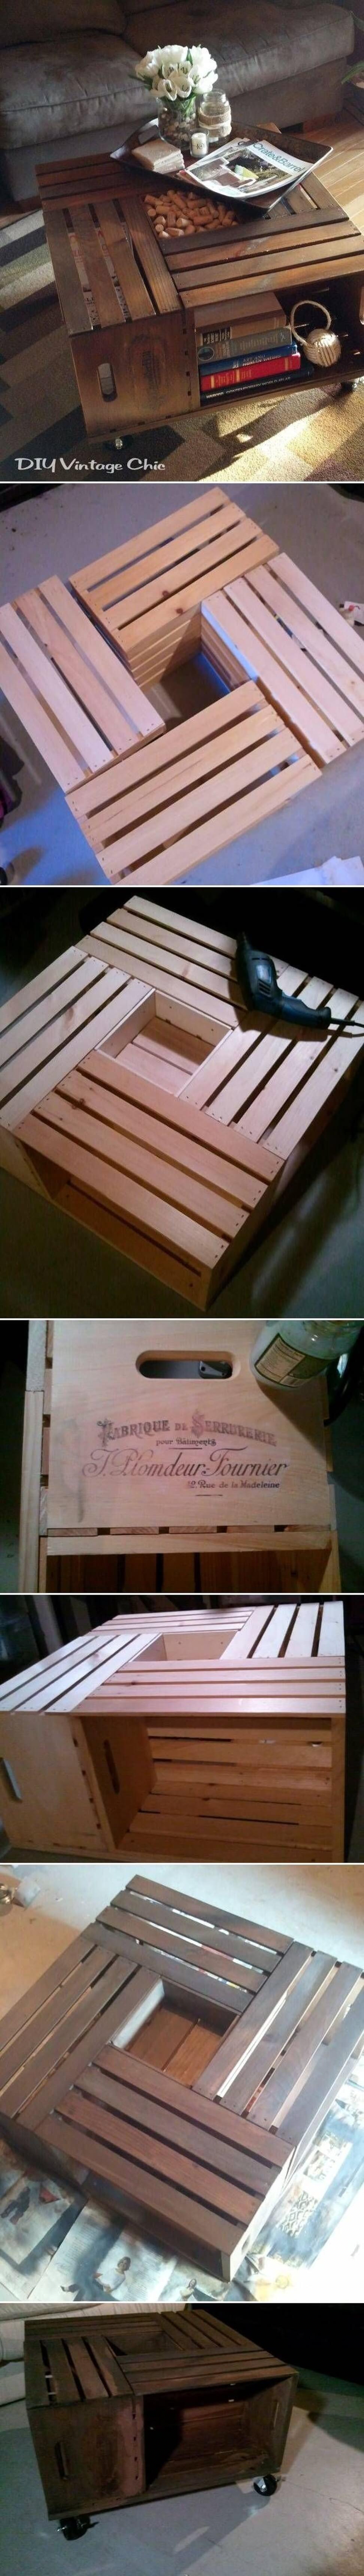 Vintage Wood Crate Coffee Table